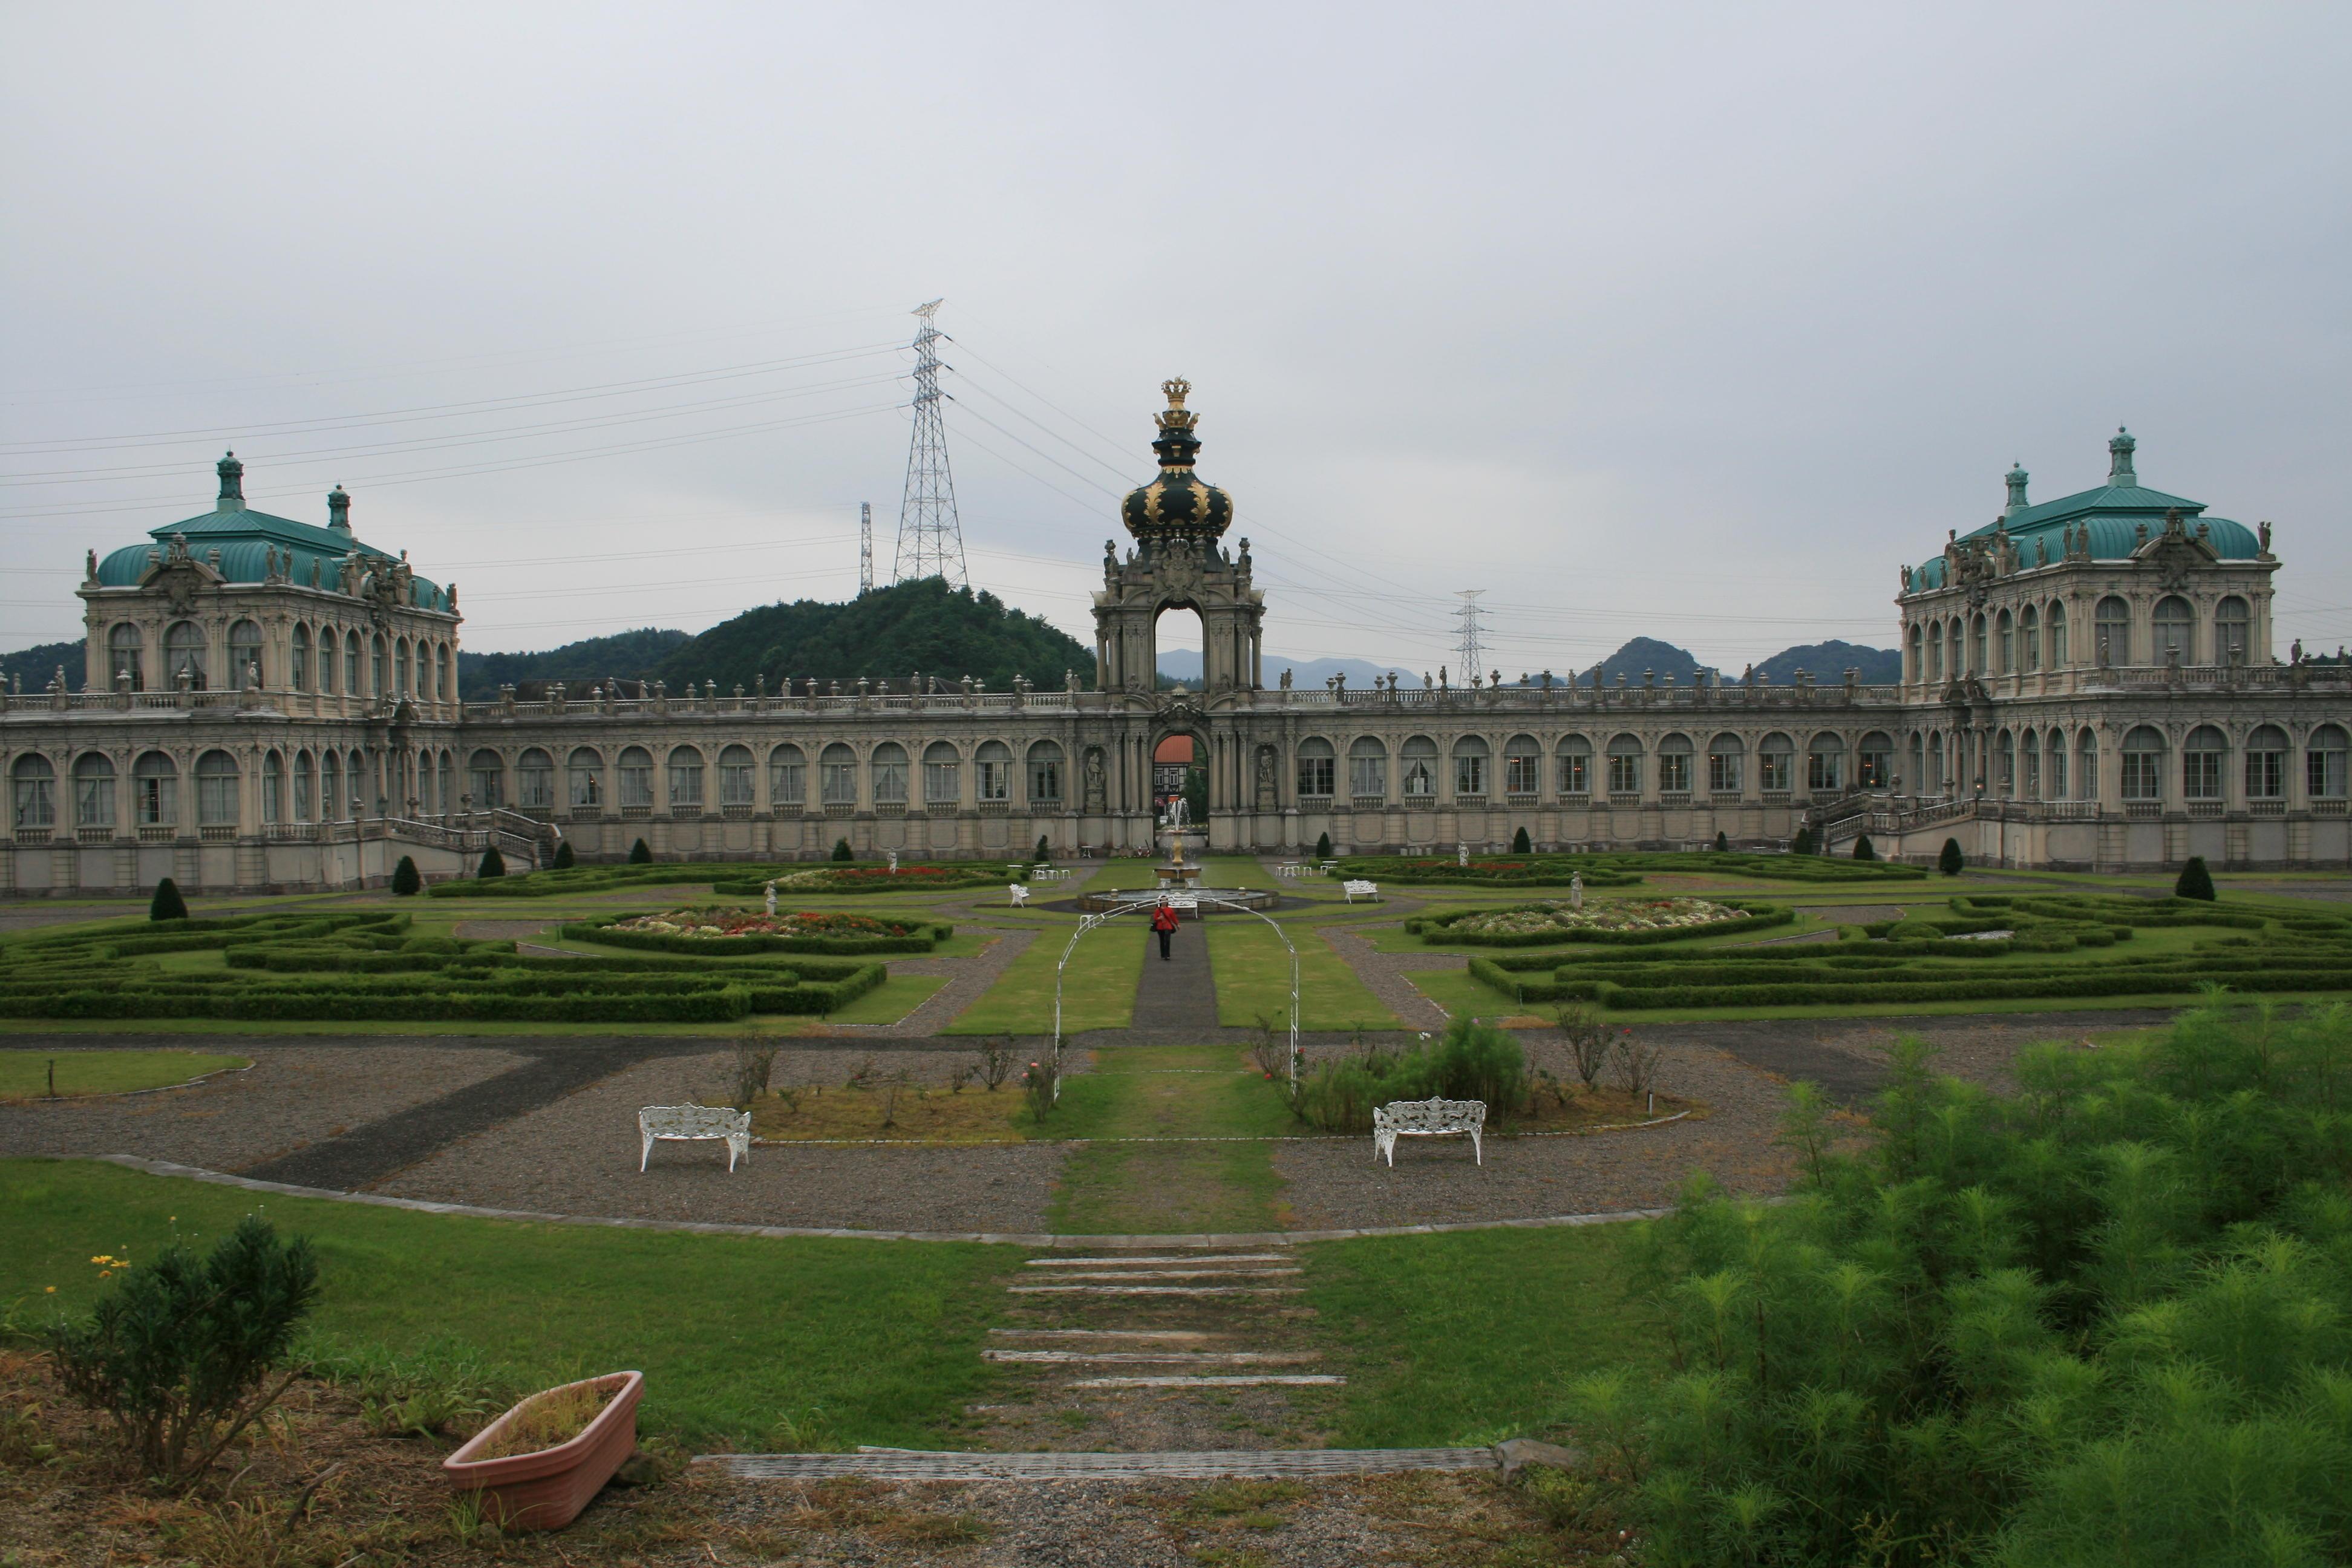 ドイツ・バロック建築 ツヴィンガー宮殿と古伊万里の繋がり